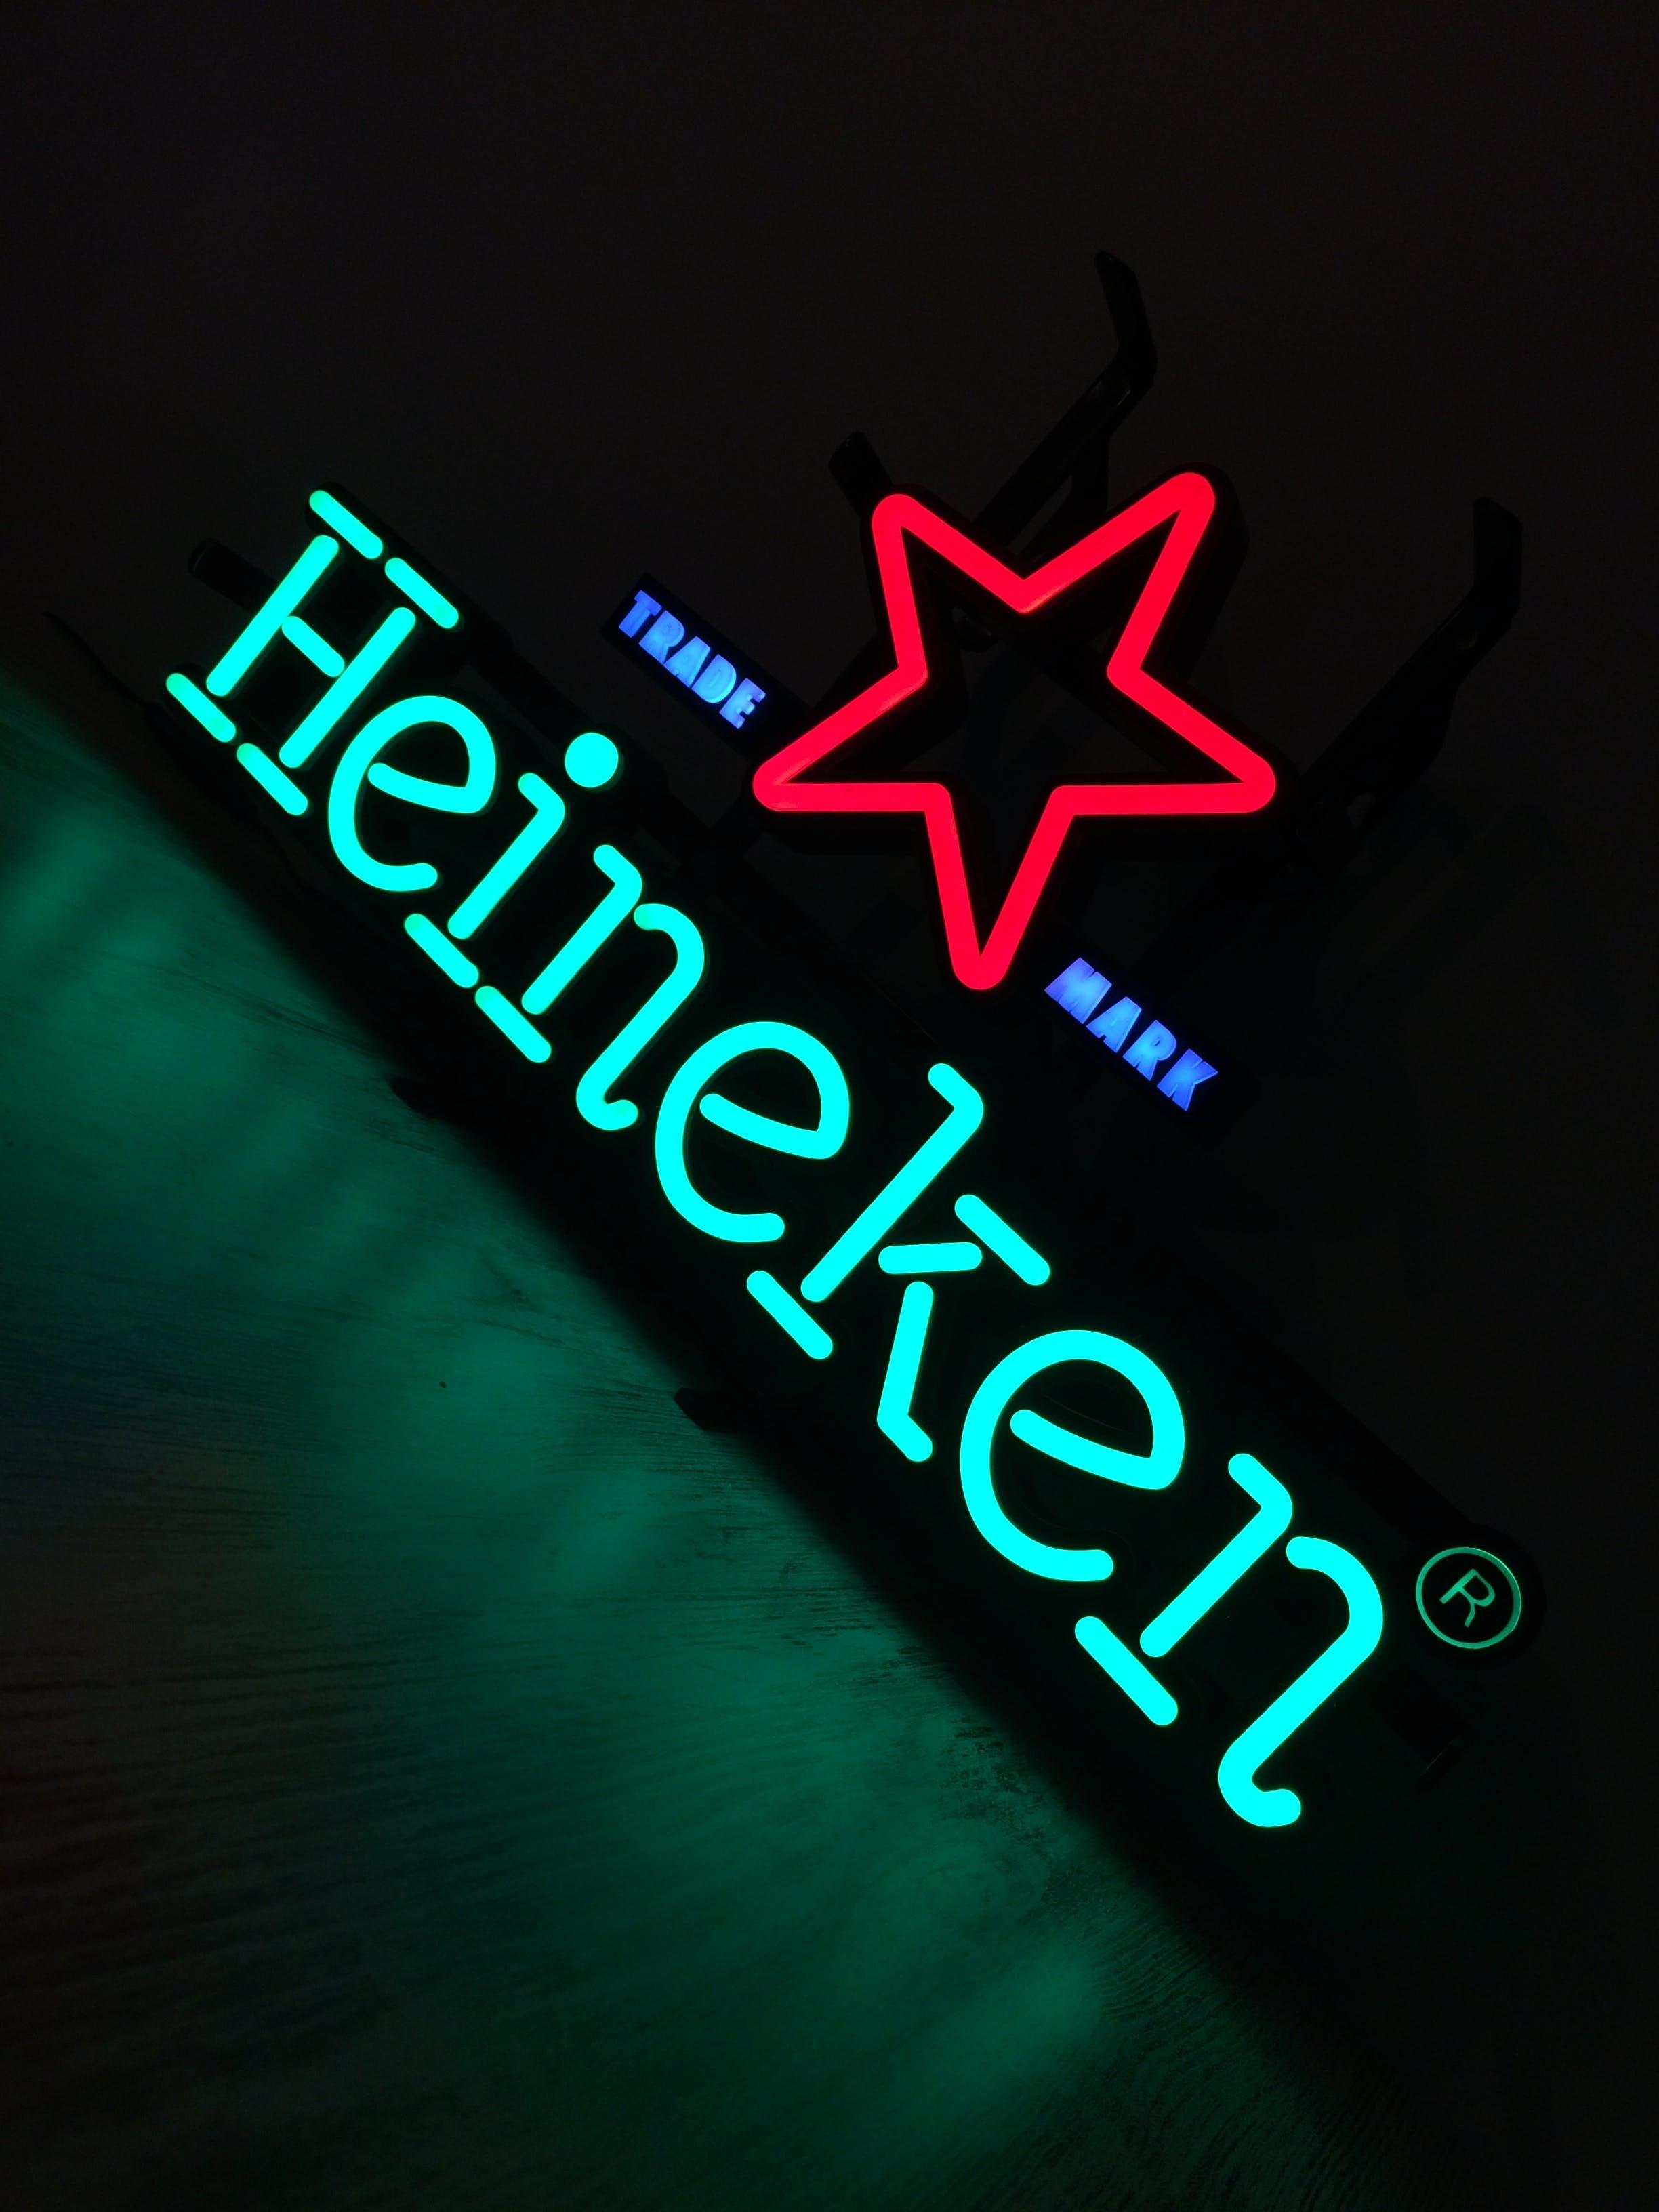 Free stock photo of beer, Heineken, HeinekenLight, light